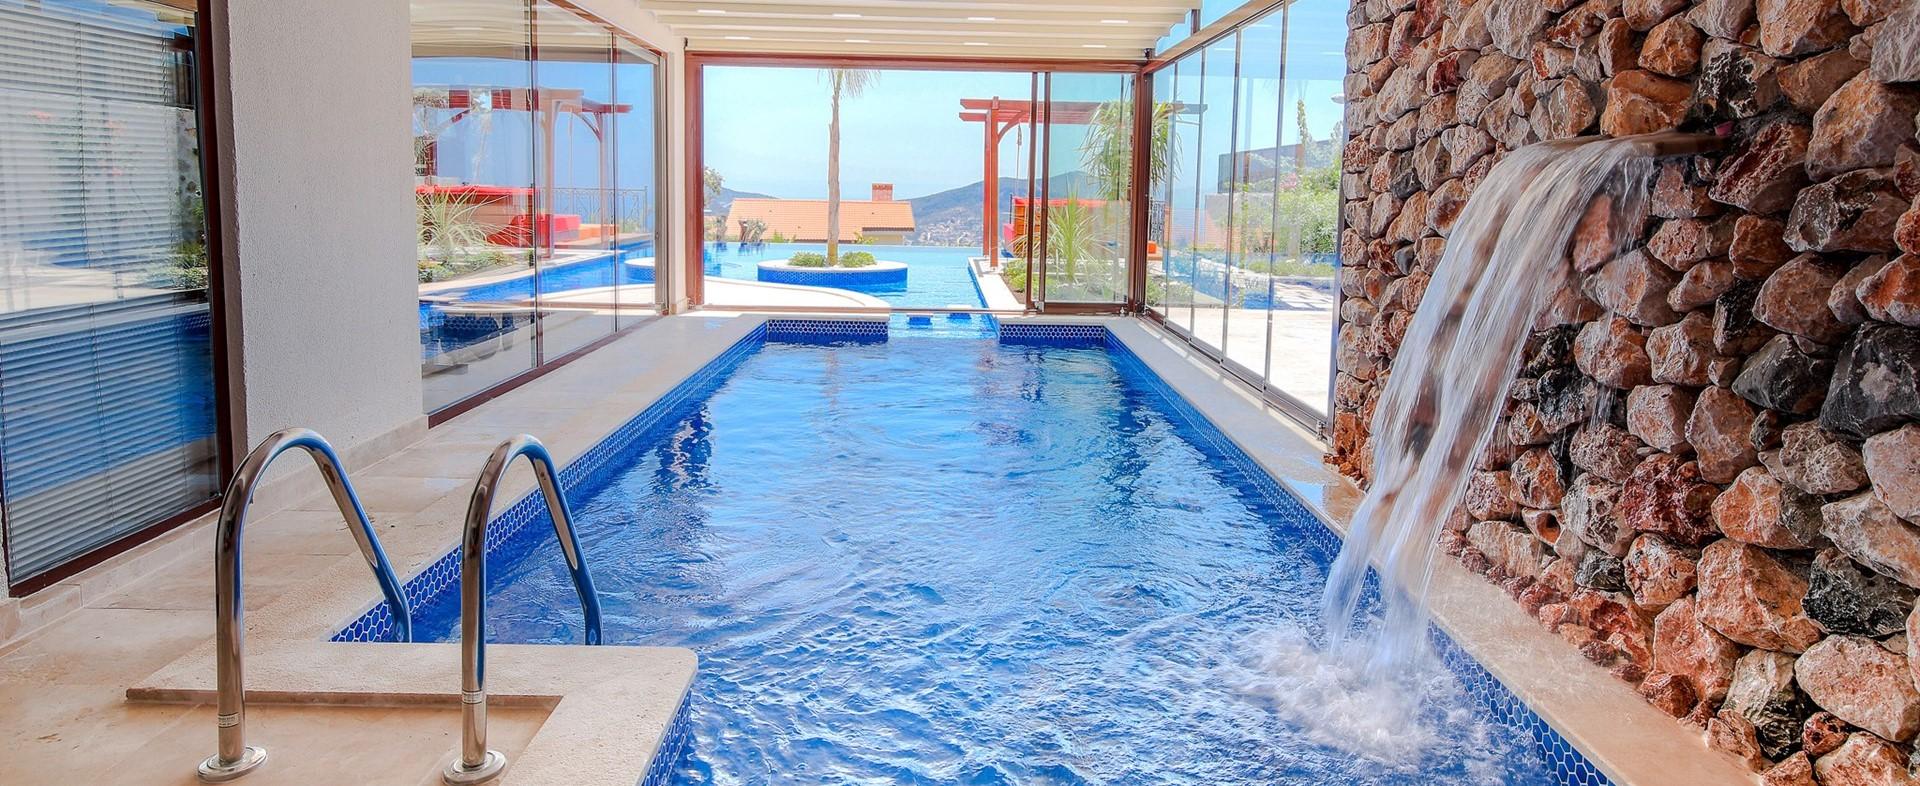 villa-caria-kalkan-indoor-pool